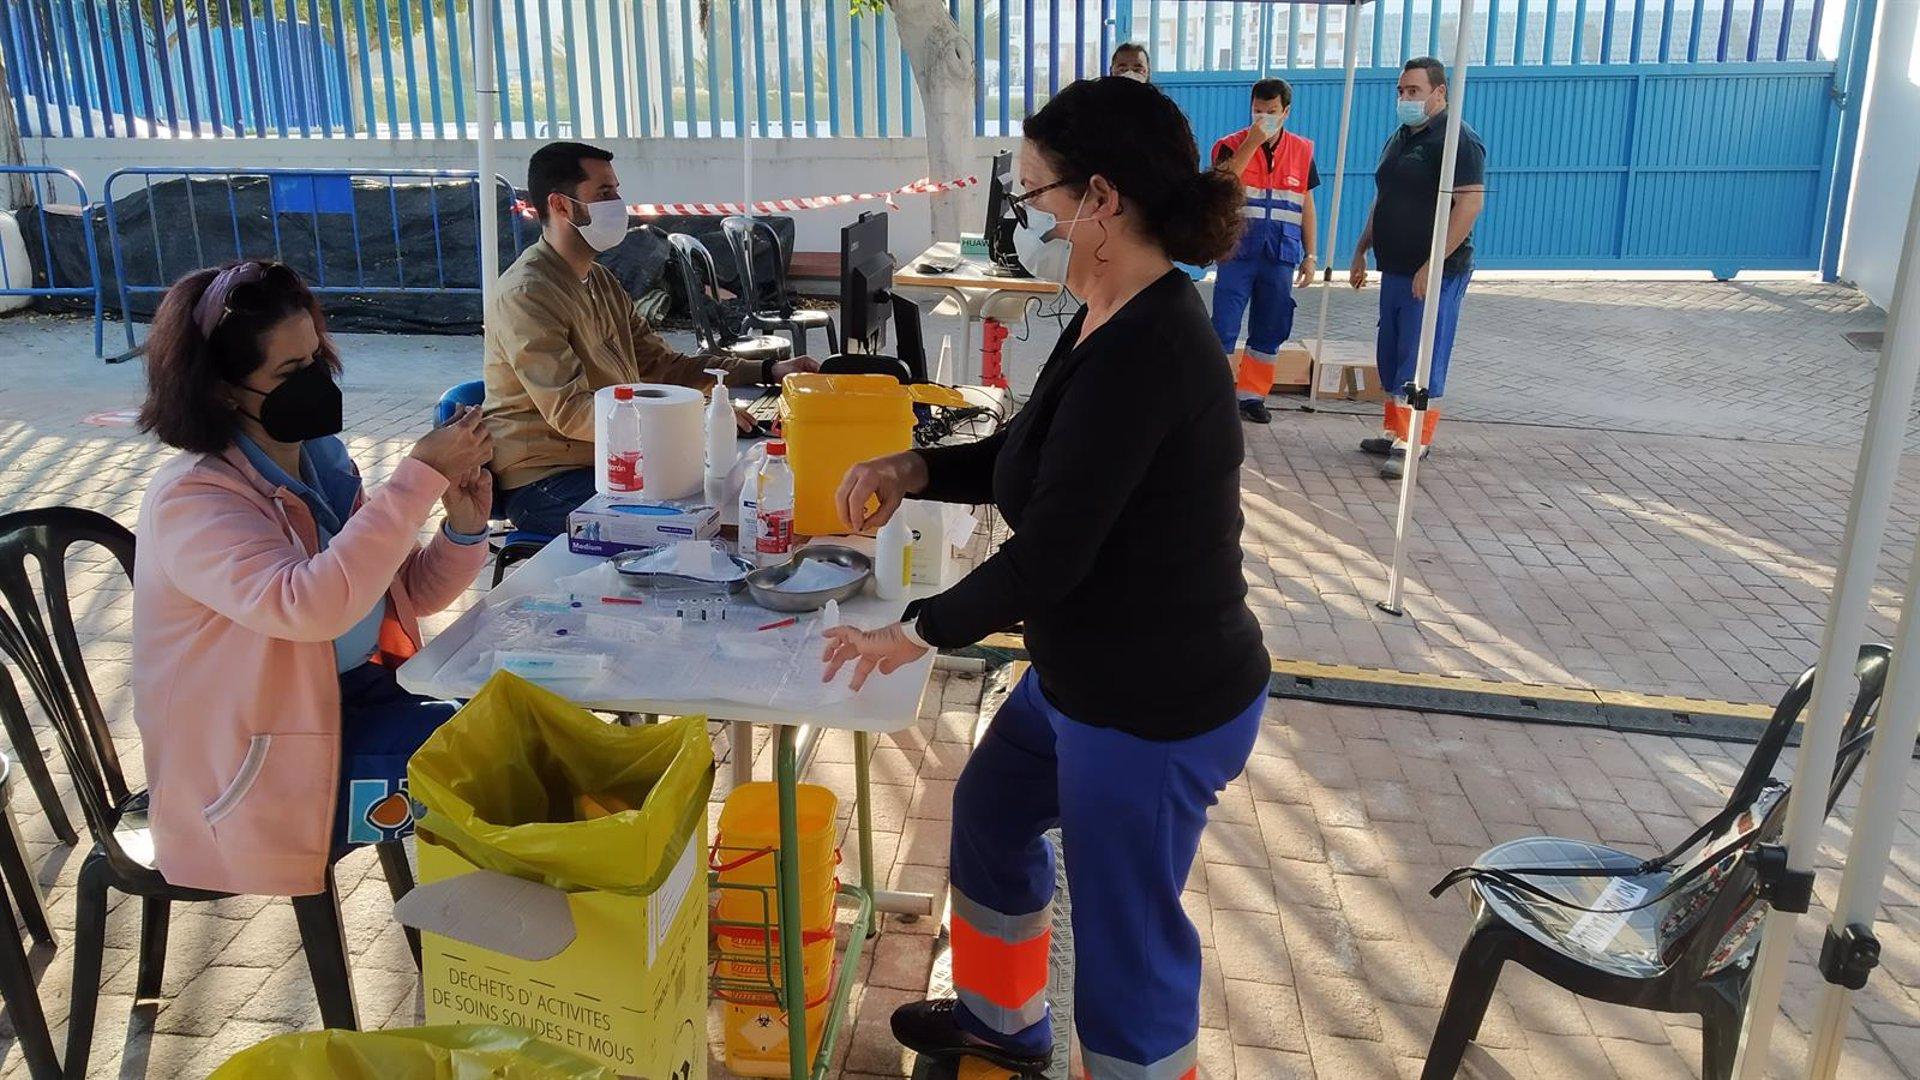 Los granadinos de más de 12 años podrán vacunarse sin cita en cinco municipios desde el lunes